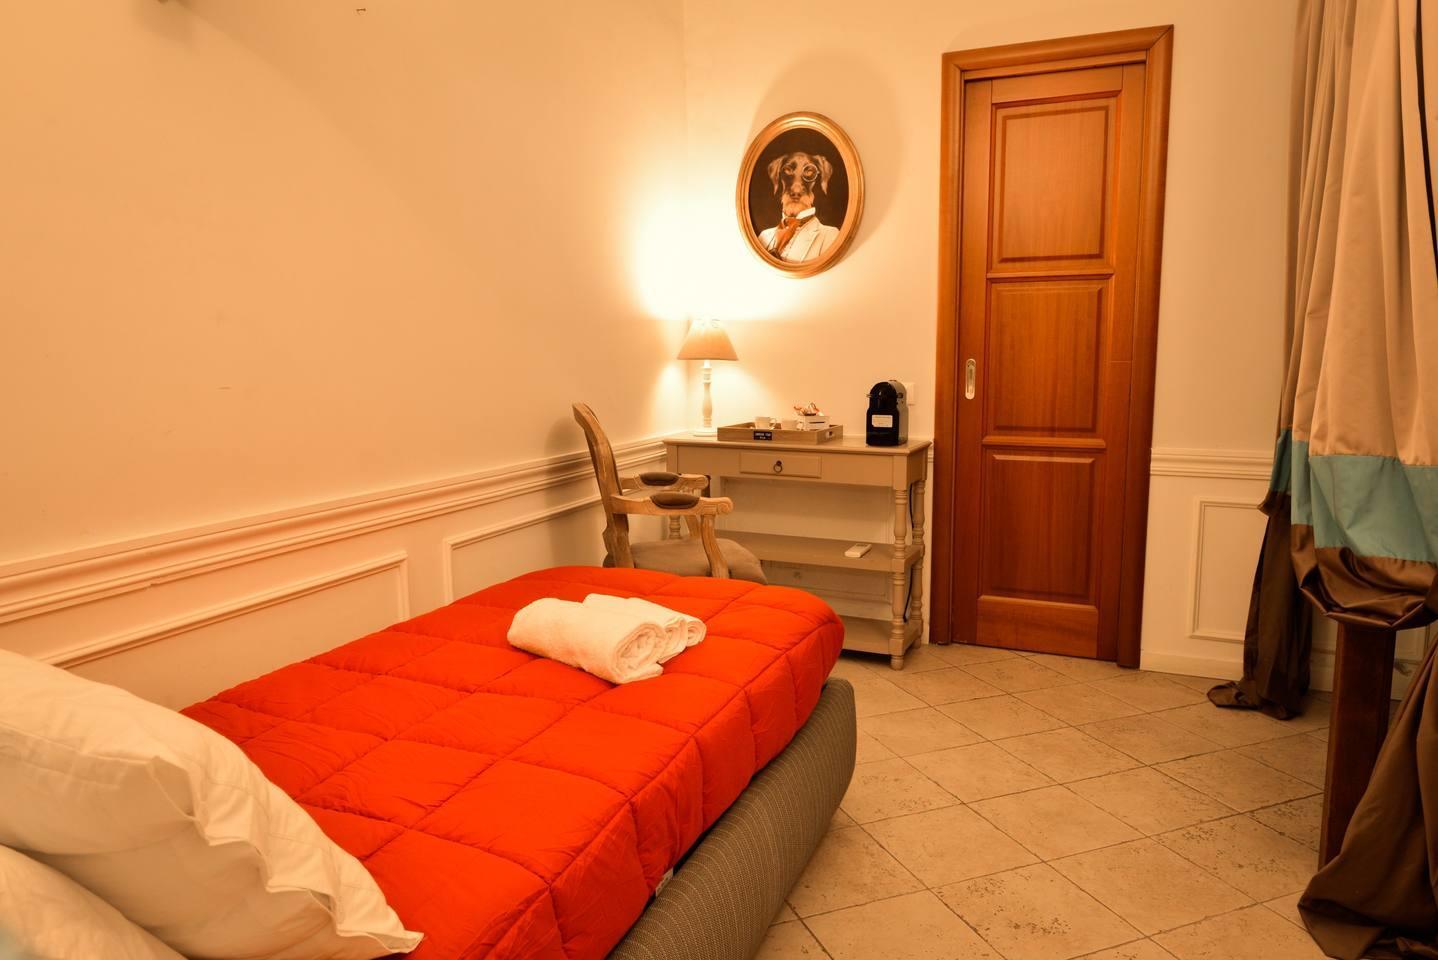 Cimarra Bellissimo ★ Luxury Rome Apts ★ 3 b... Slide-3